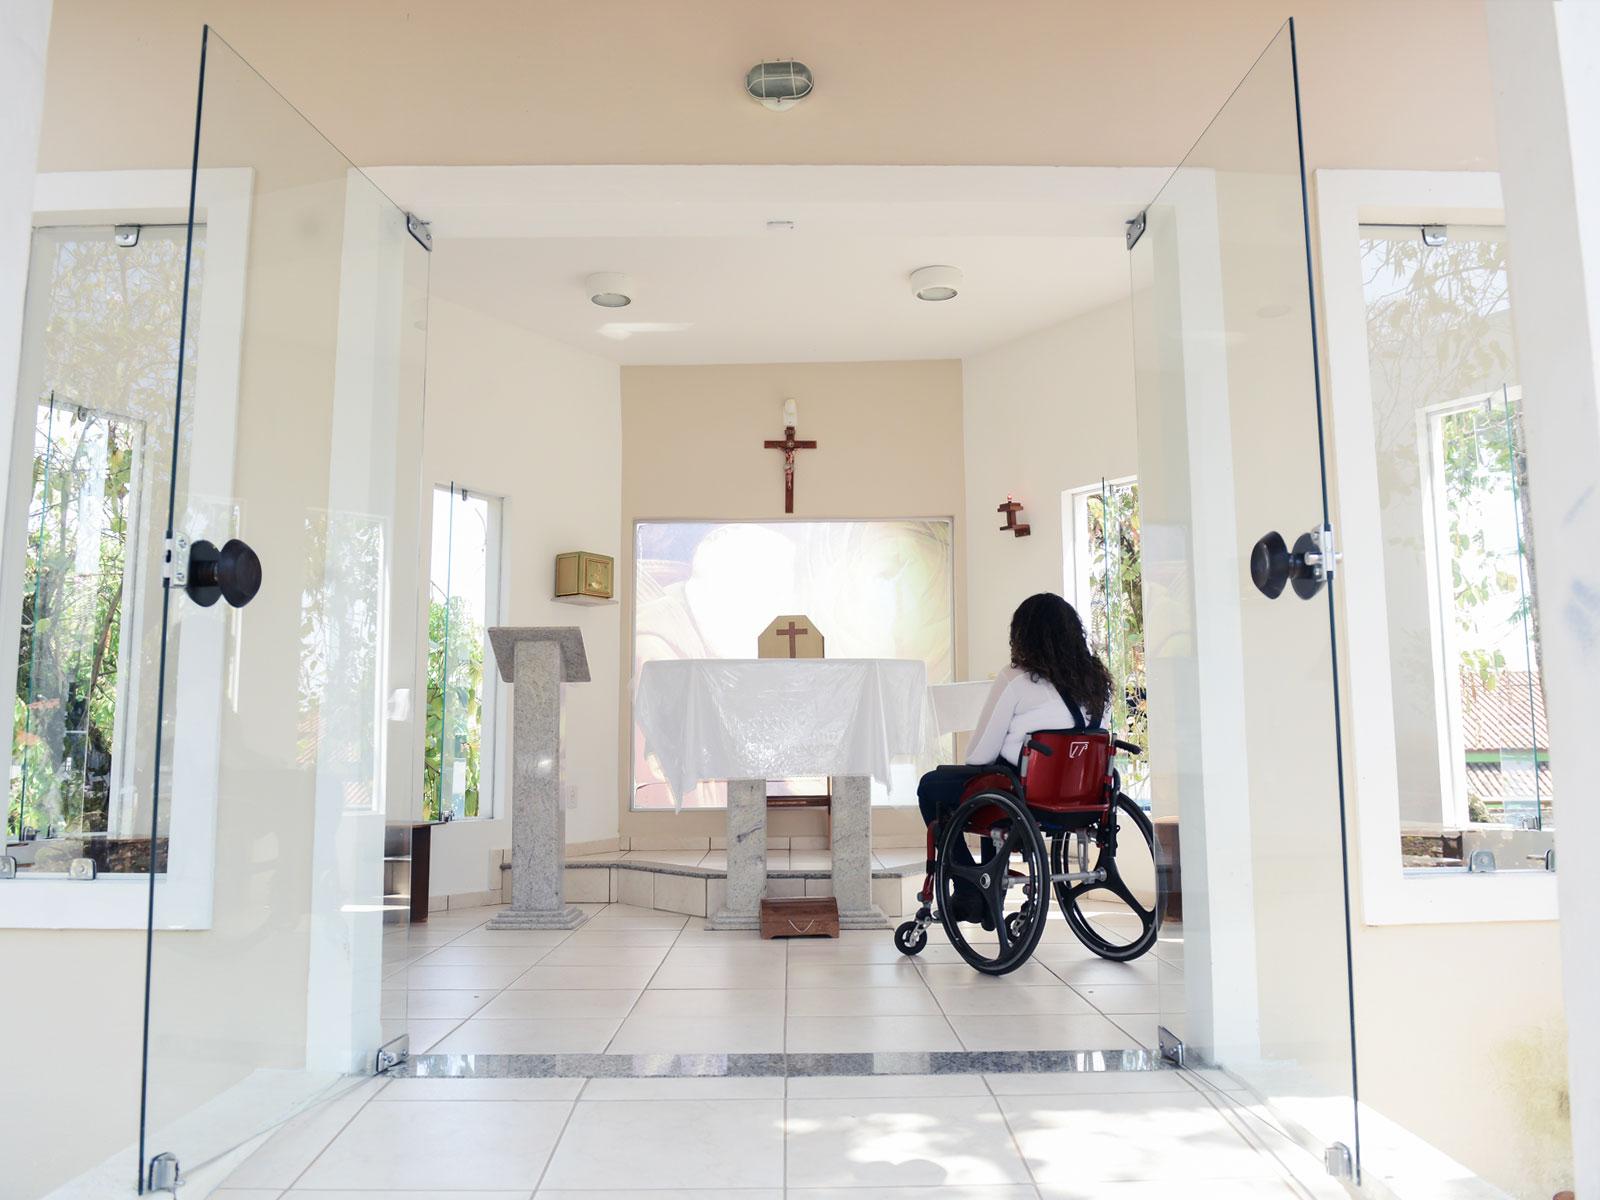 A história de luta e vitória de uma pessoa com deficiência